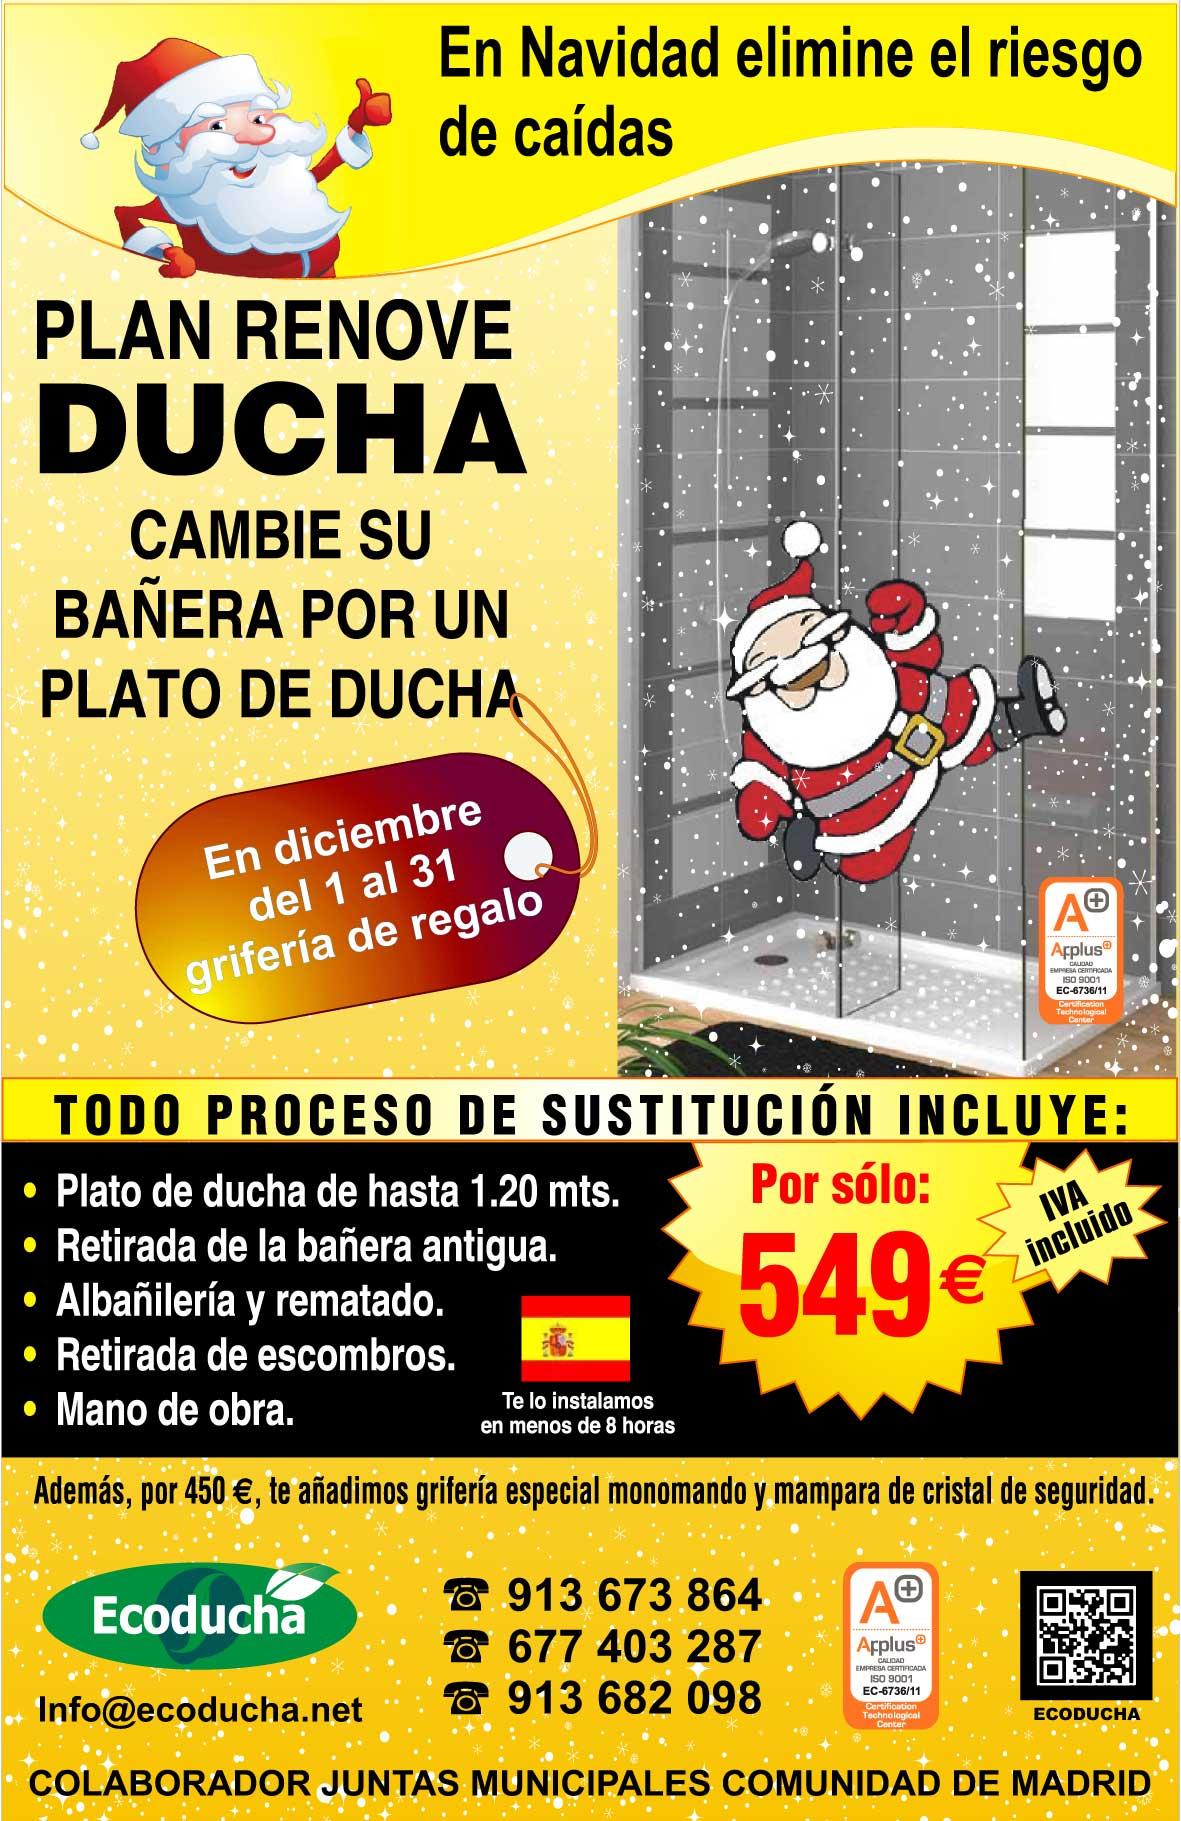 Cambio de ba era a ducha sin obras plato de ducha sin - Cambiar banera por ducha ...